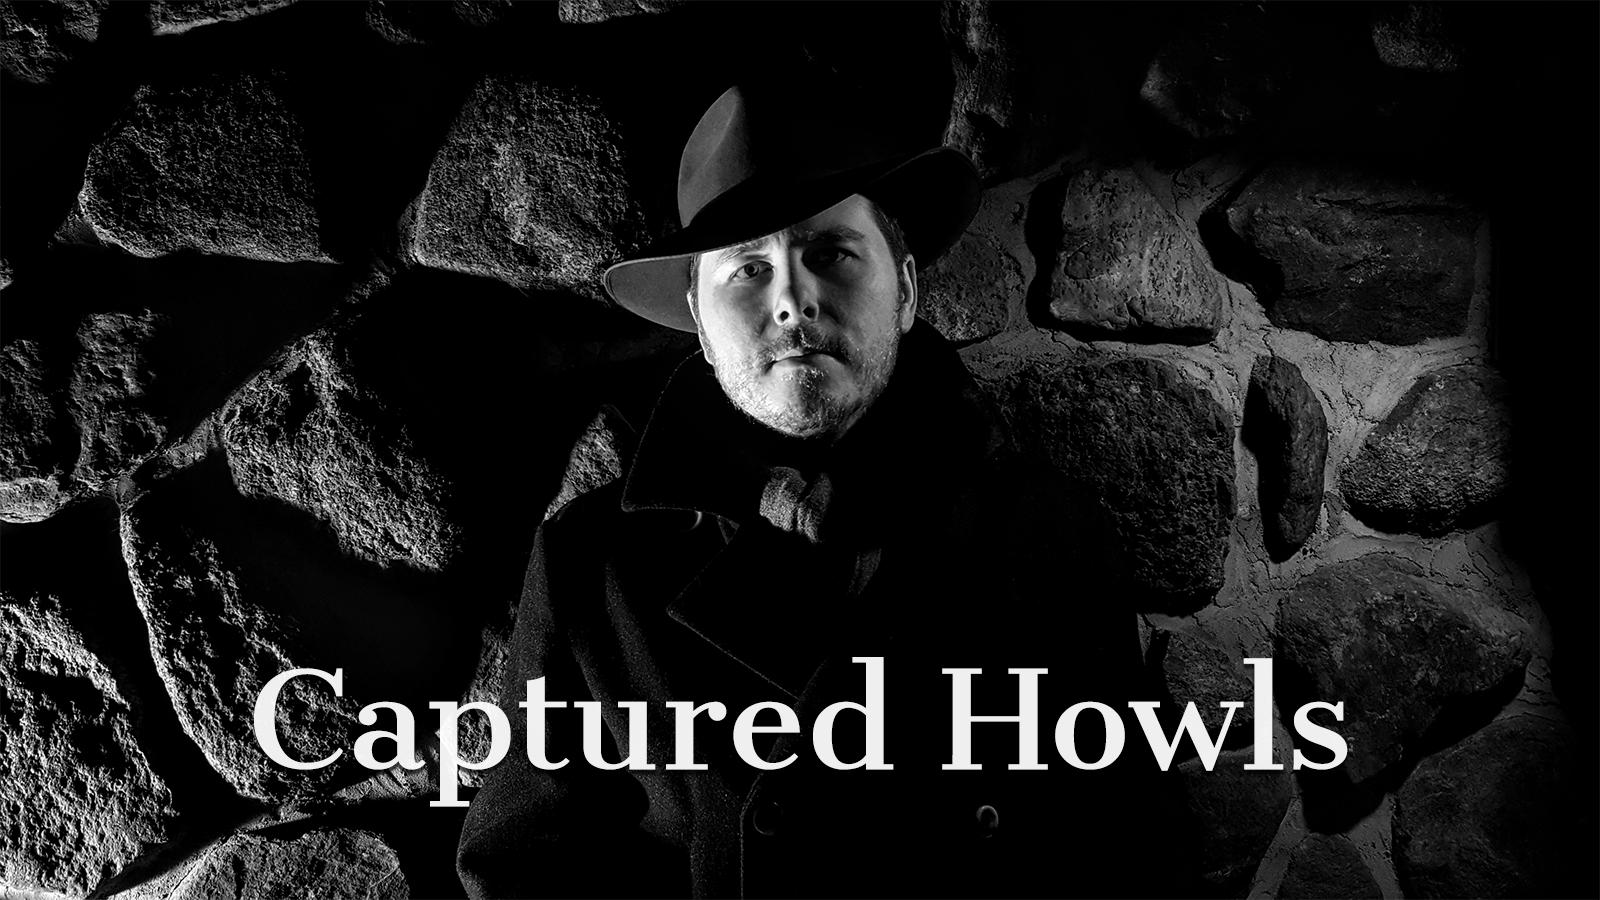 Vision Eternel Interview For Captured Howls